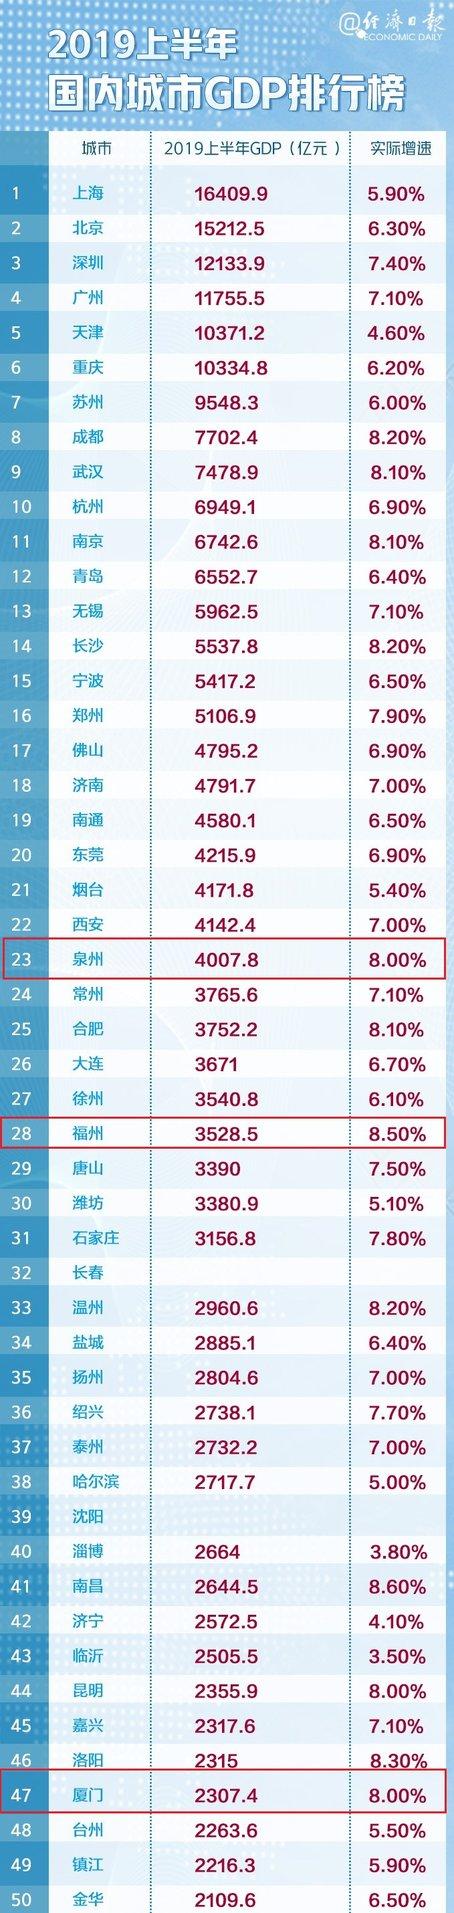 中国城市GDP百强榜出炉,福建4城上榜!